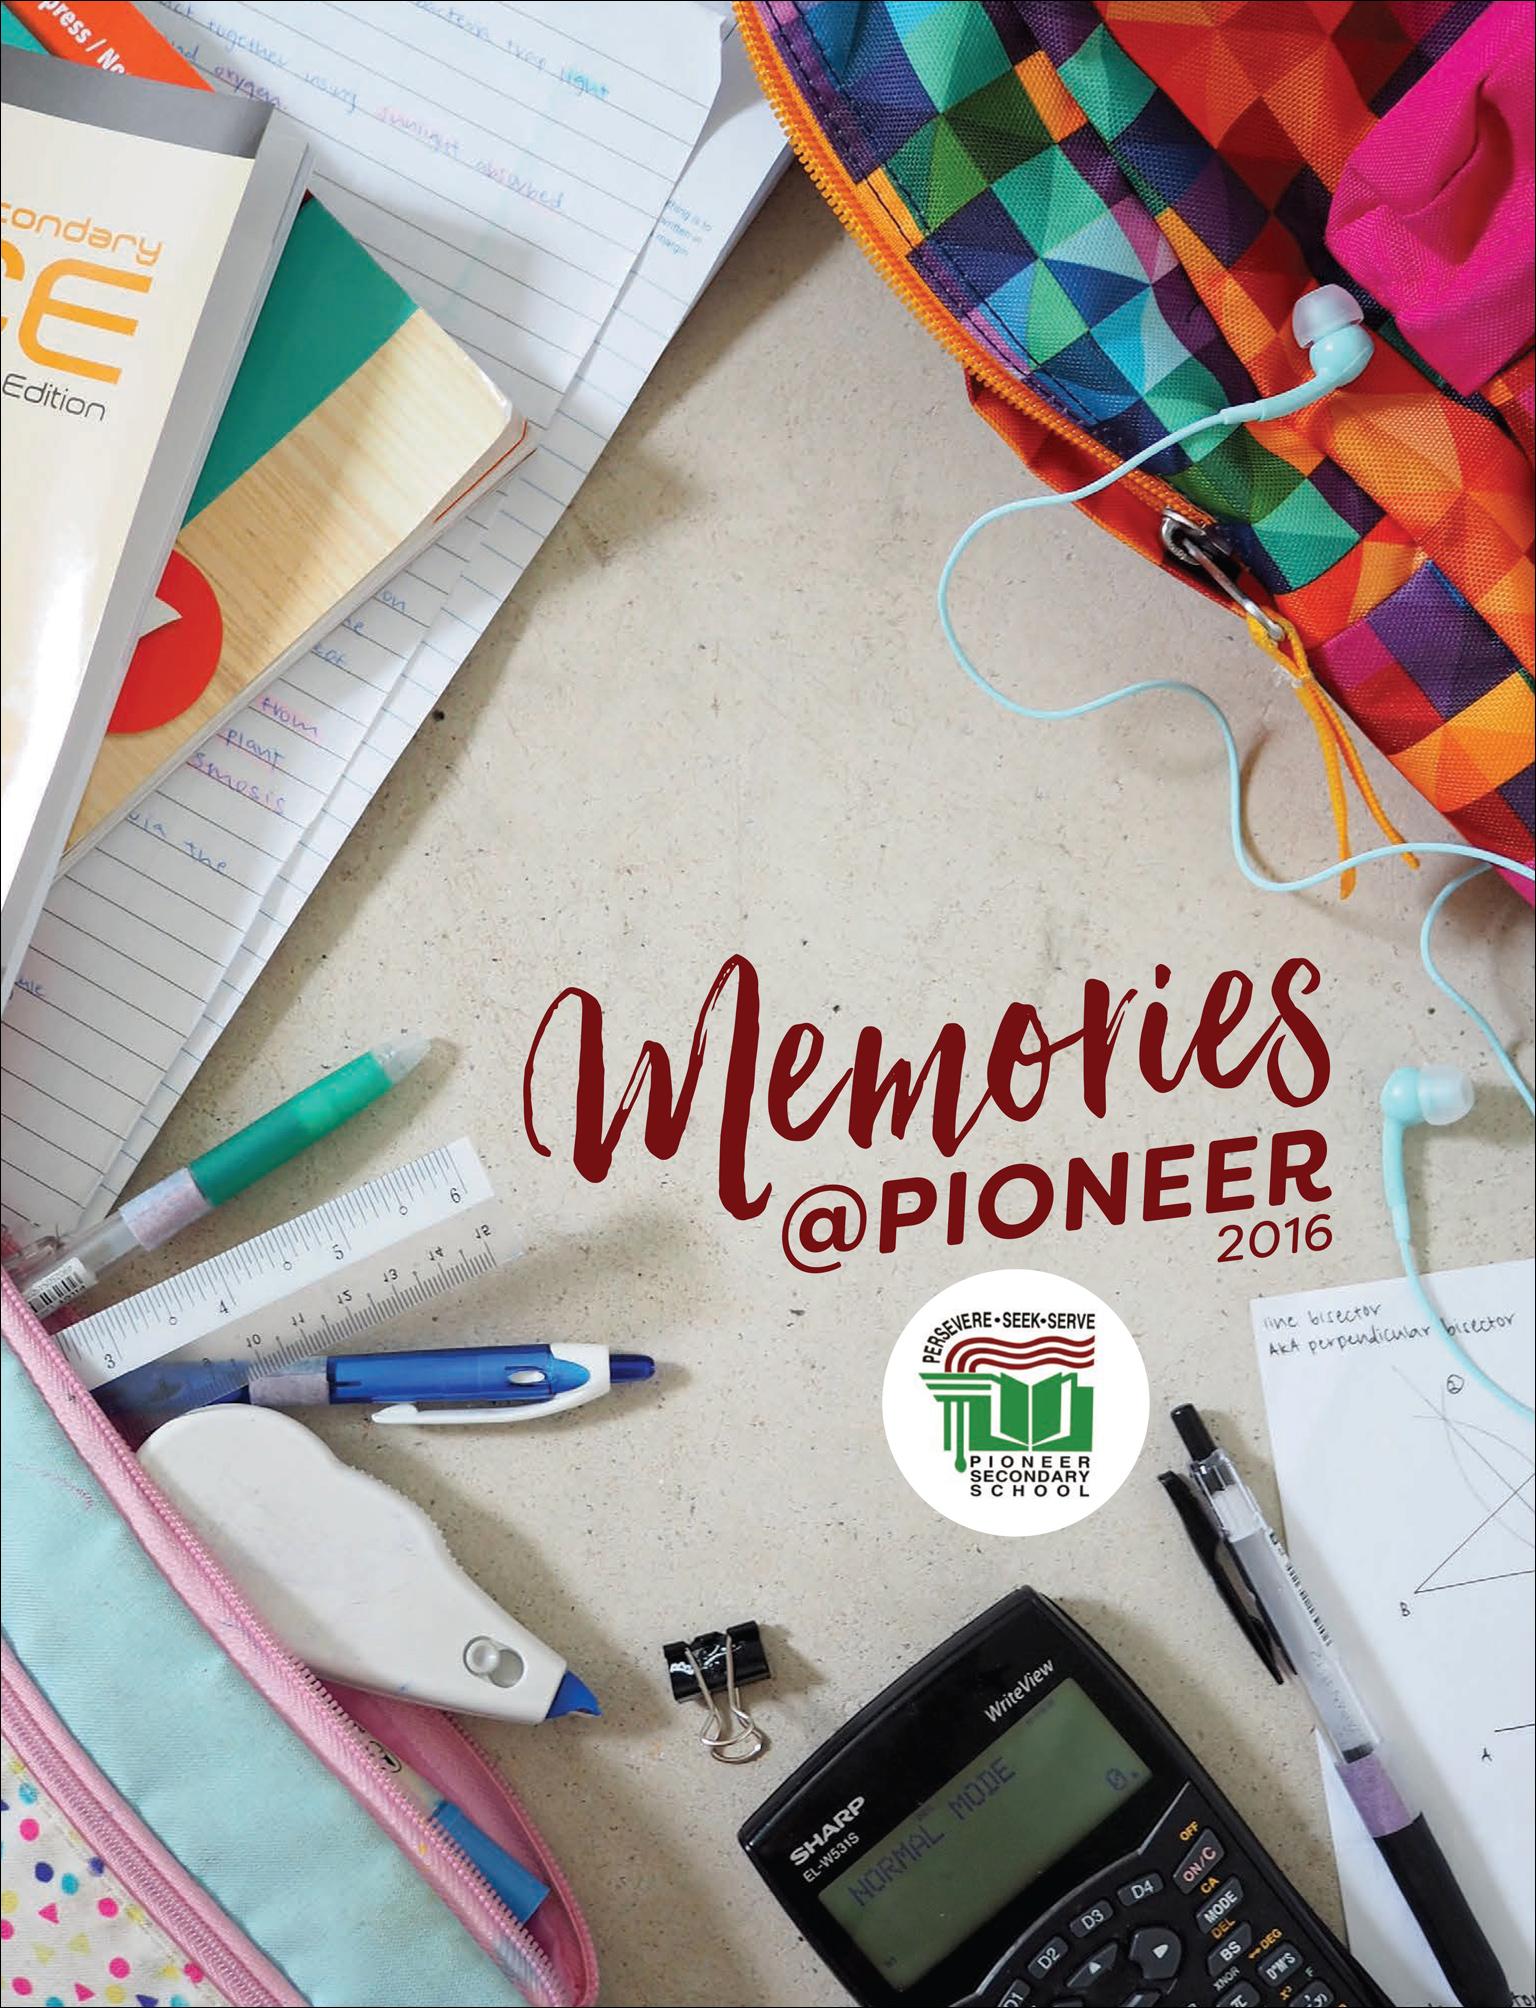 Memories@Pioneer 2016